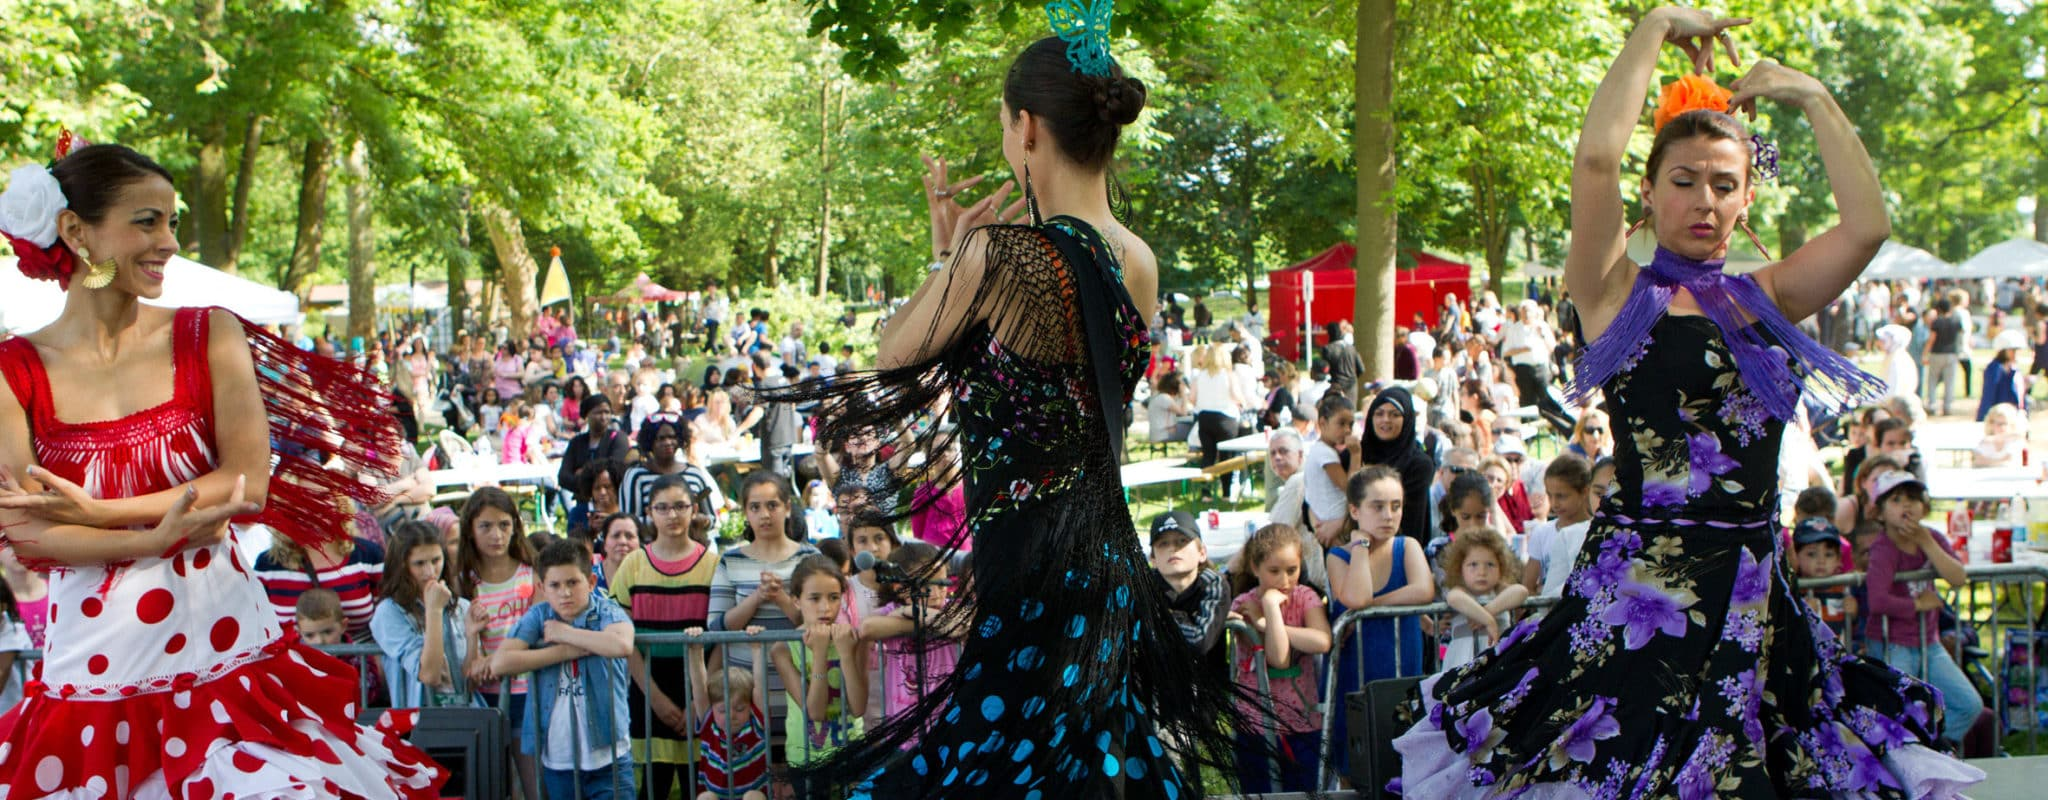 Danse contemporaine, concerts et ateliers à la fête du parc Schulmeister samedi